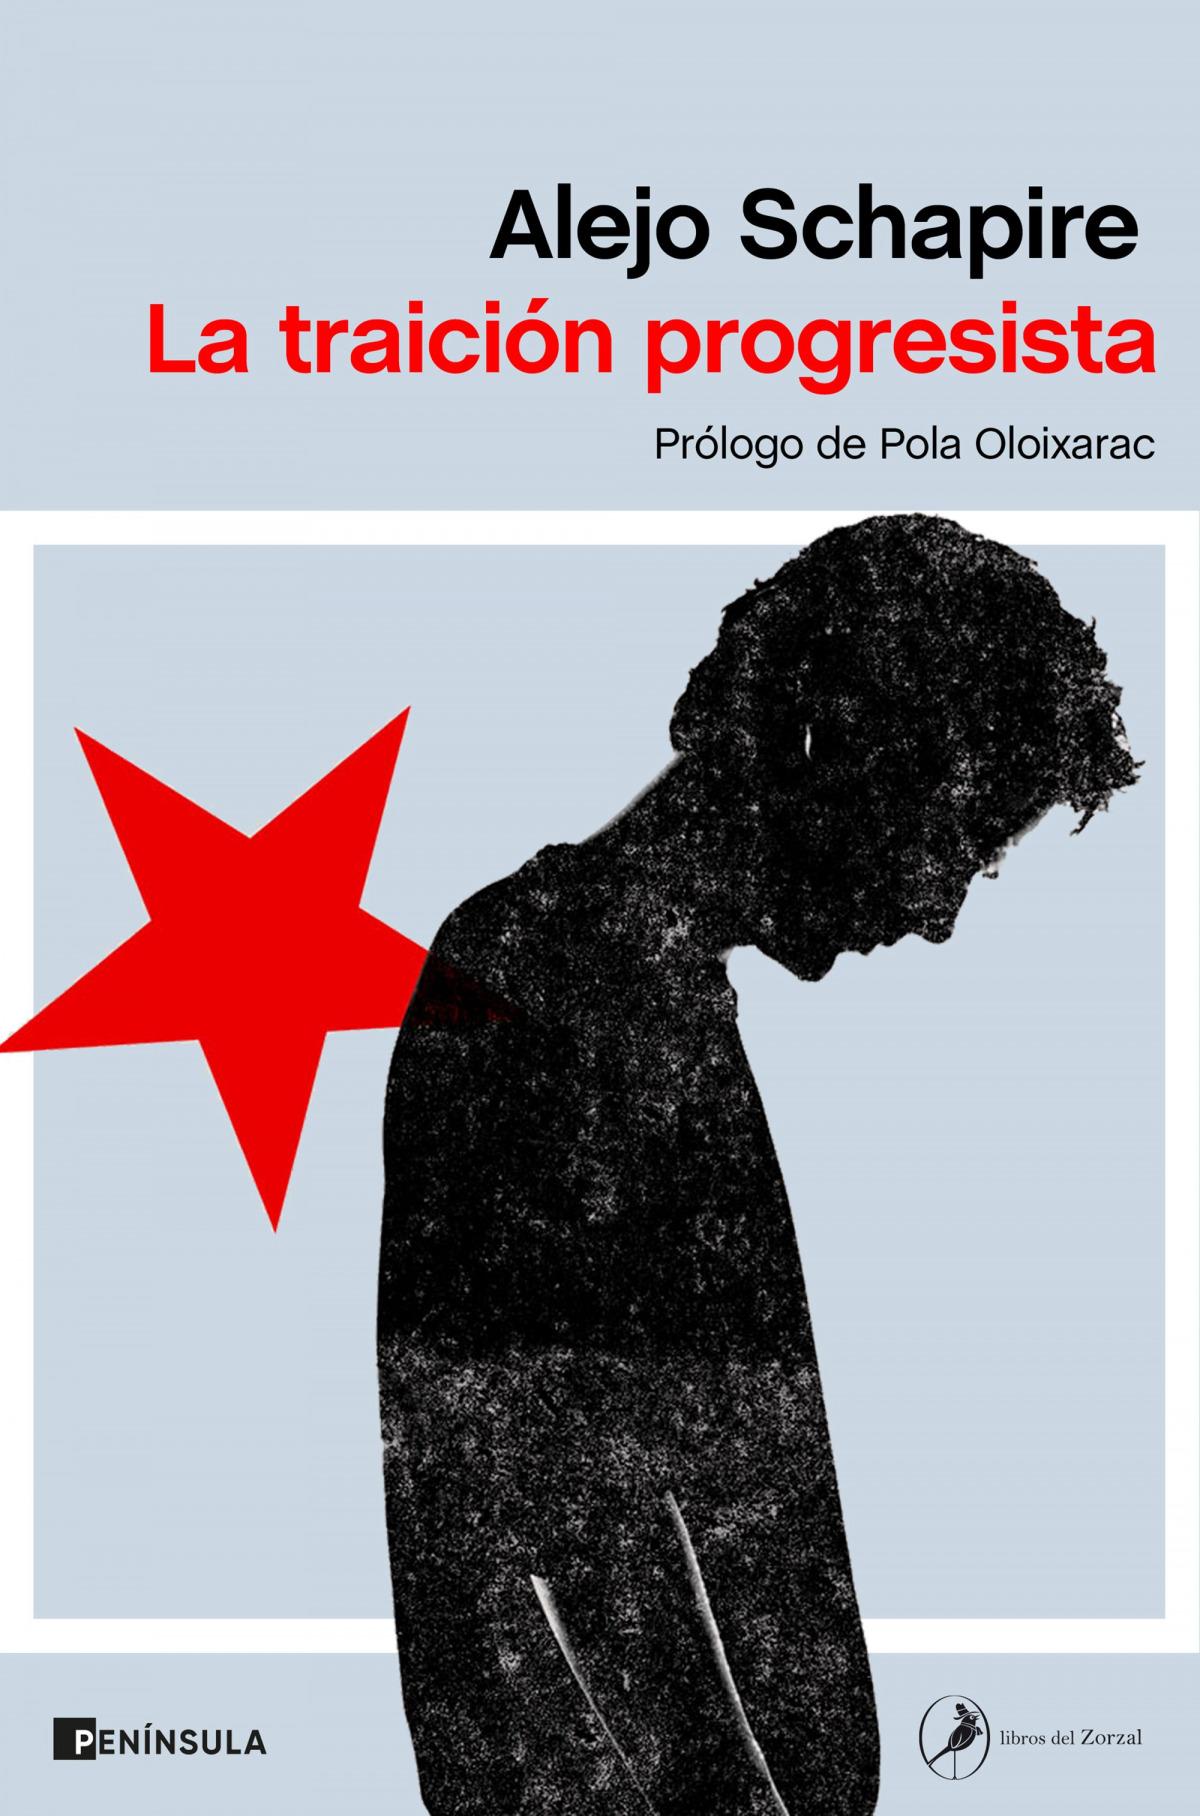 La traición progresista